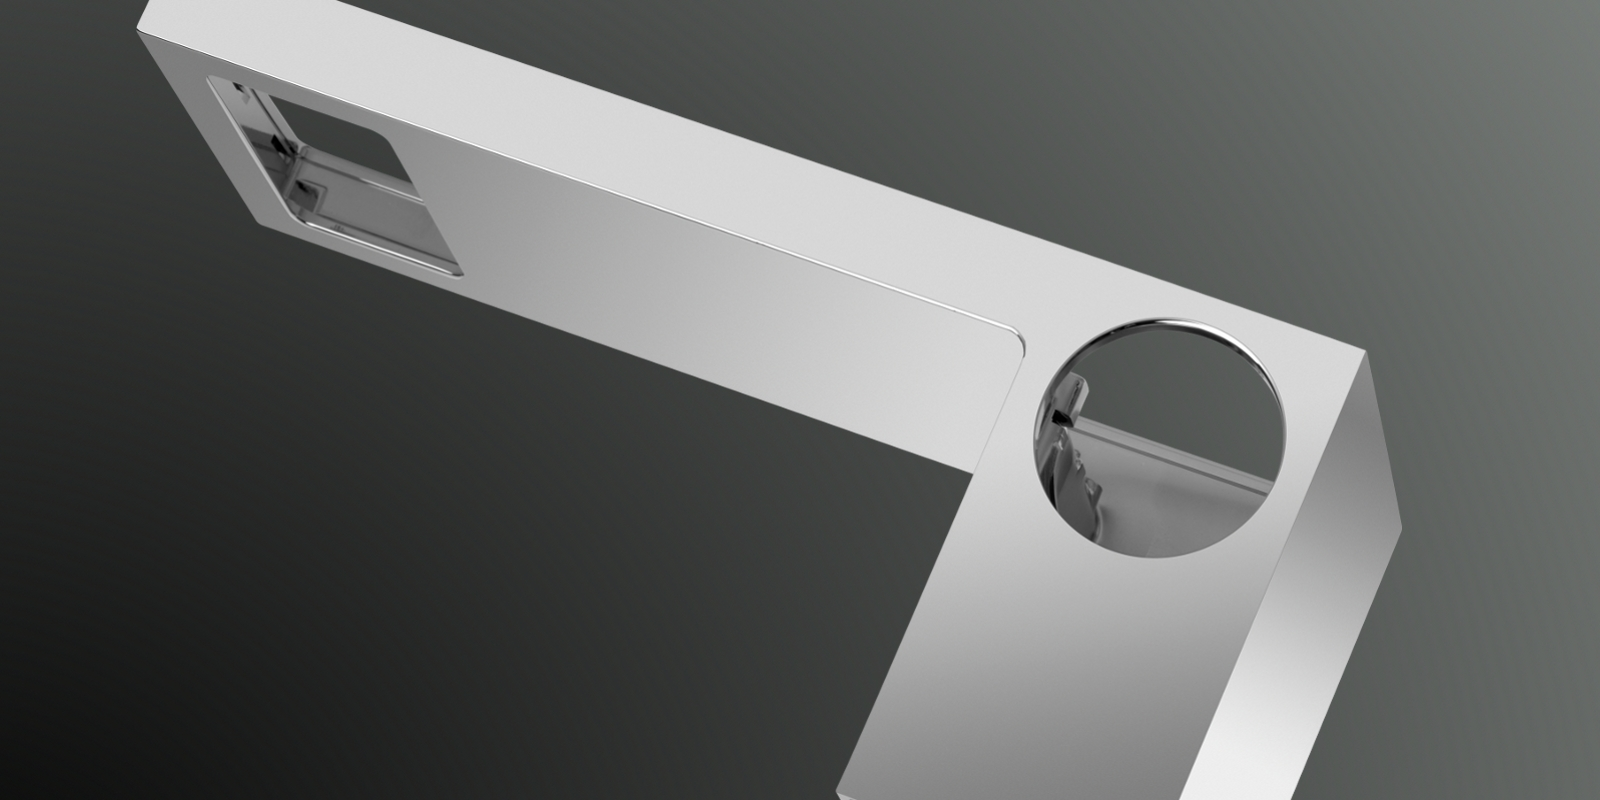 Metallgehäuse einer Designarmatur fürs Badezimmer